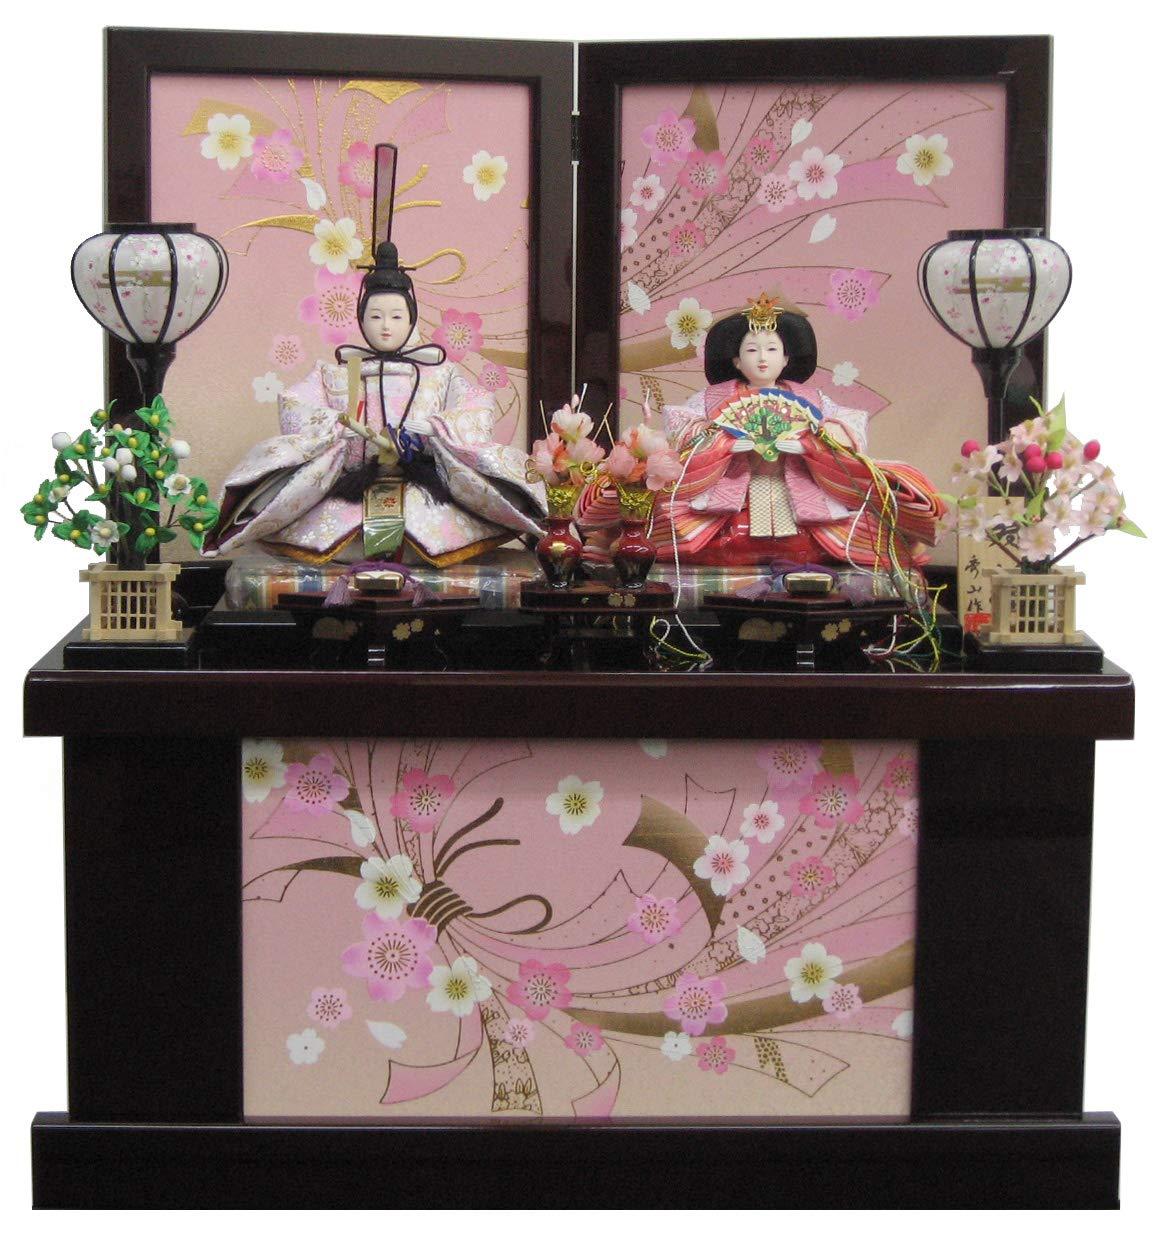 [雛人形 収納飾り]間口60cm 小三五親王(金襴衣装) 金彩リボン桜結び収納 毬桜に硯の道具   B07N46V8BR